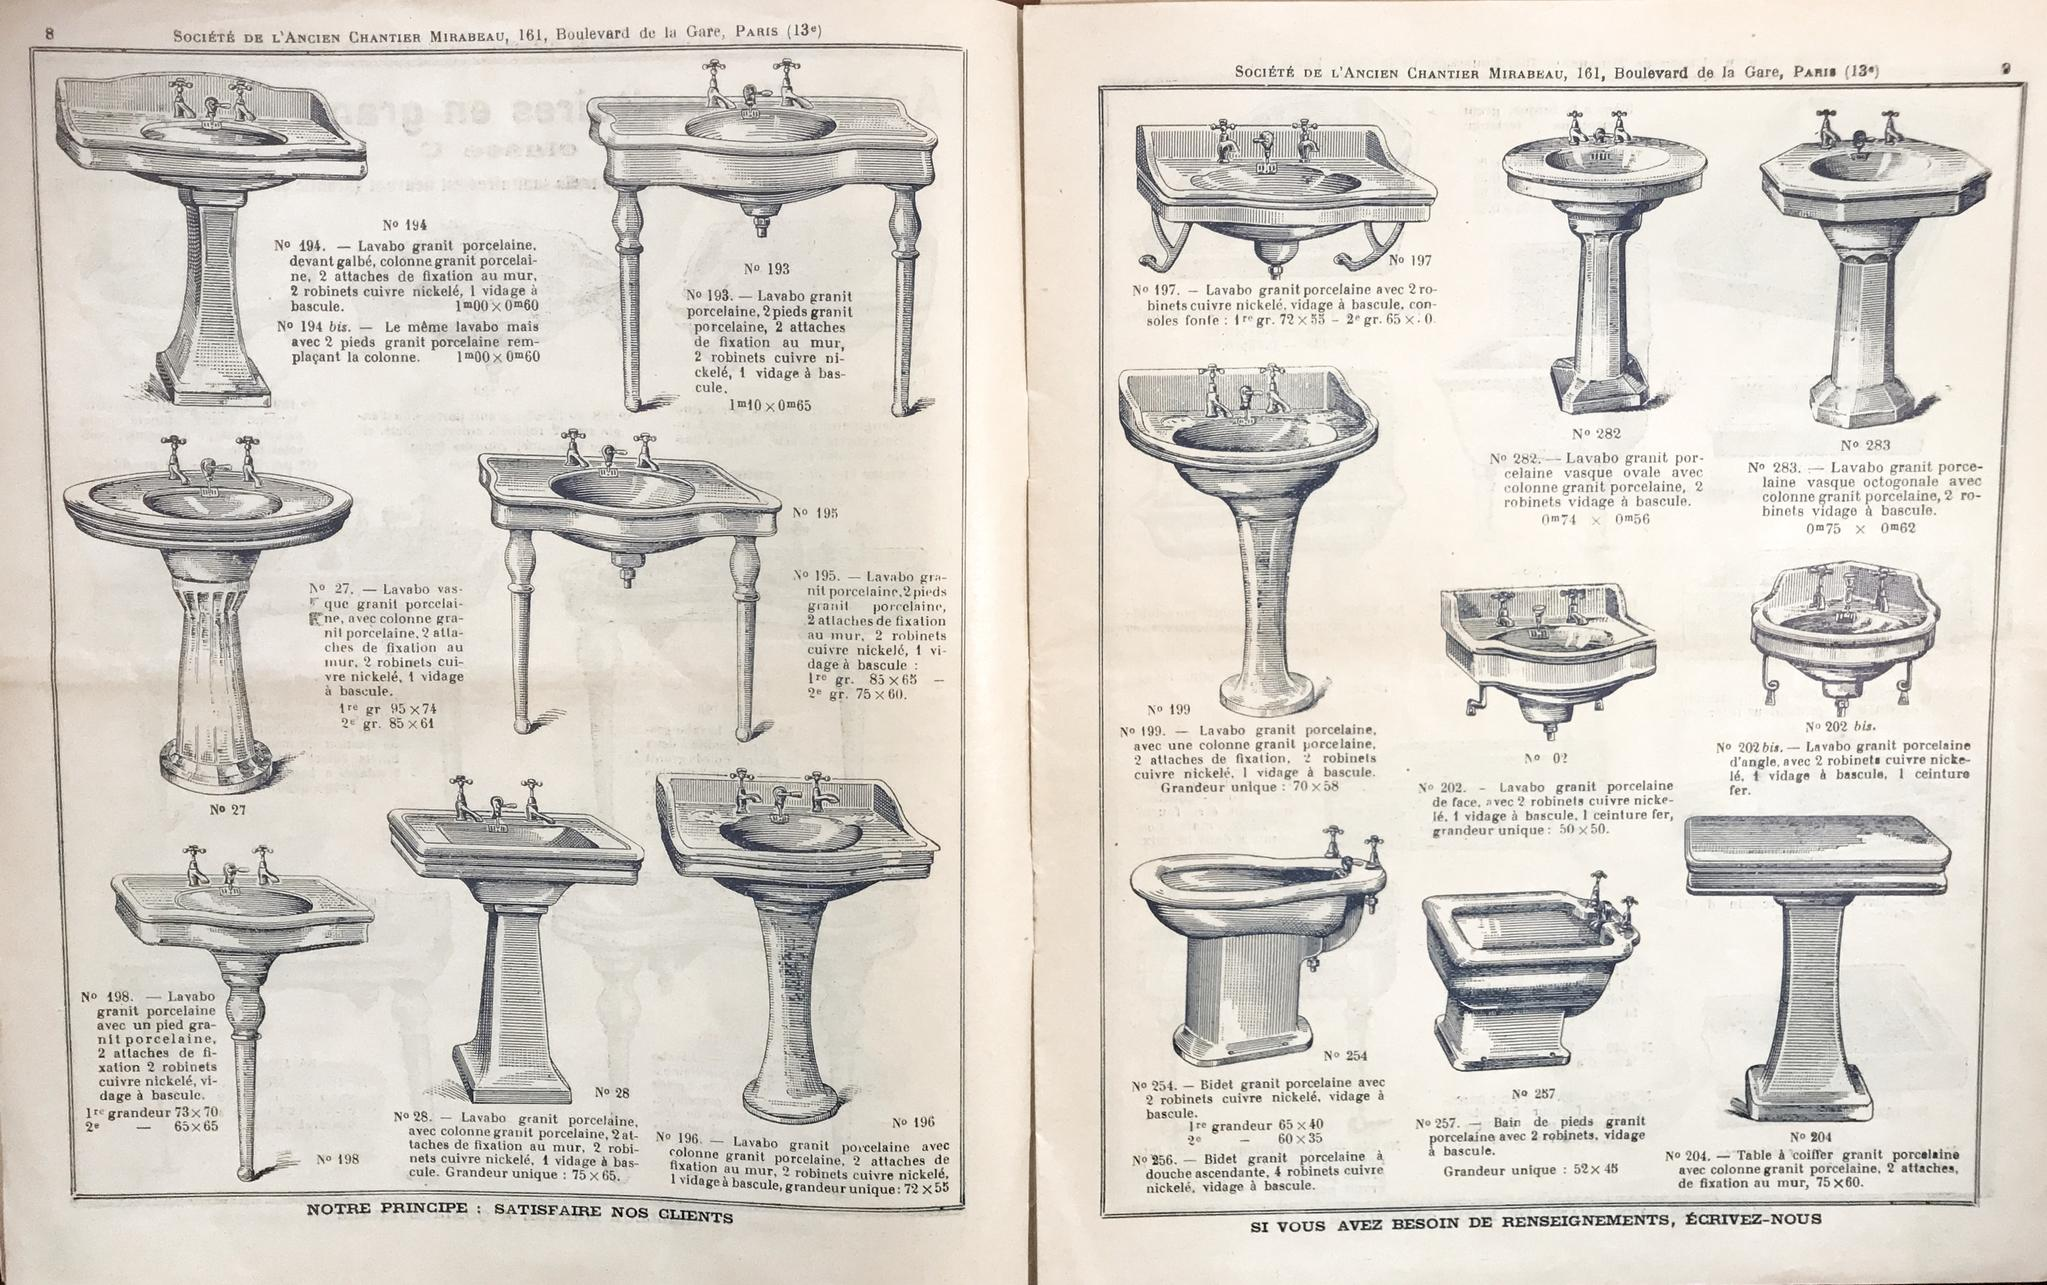 Collectie porseleinen wastafel uit de catalogus van Chantier Mirabeau